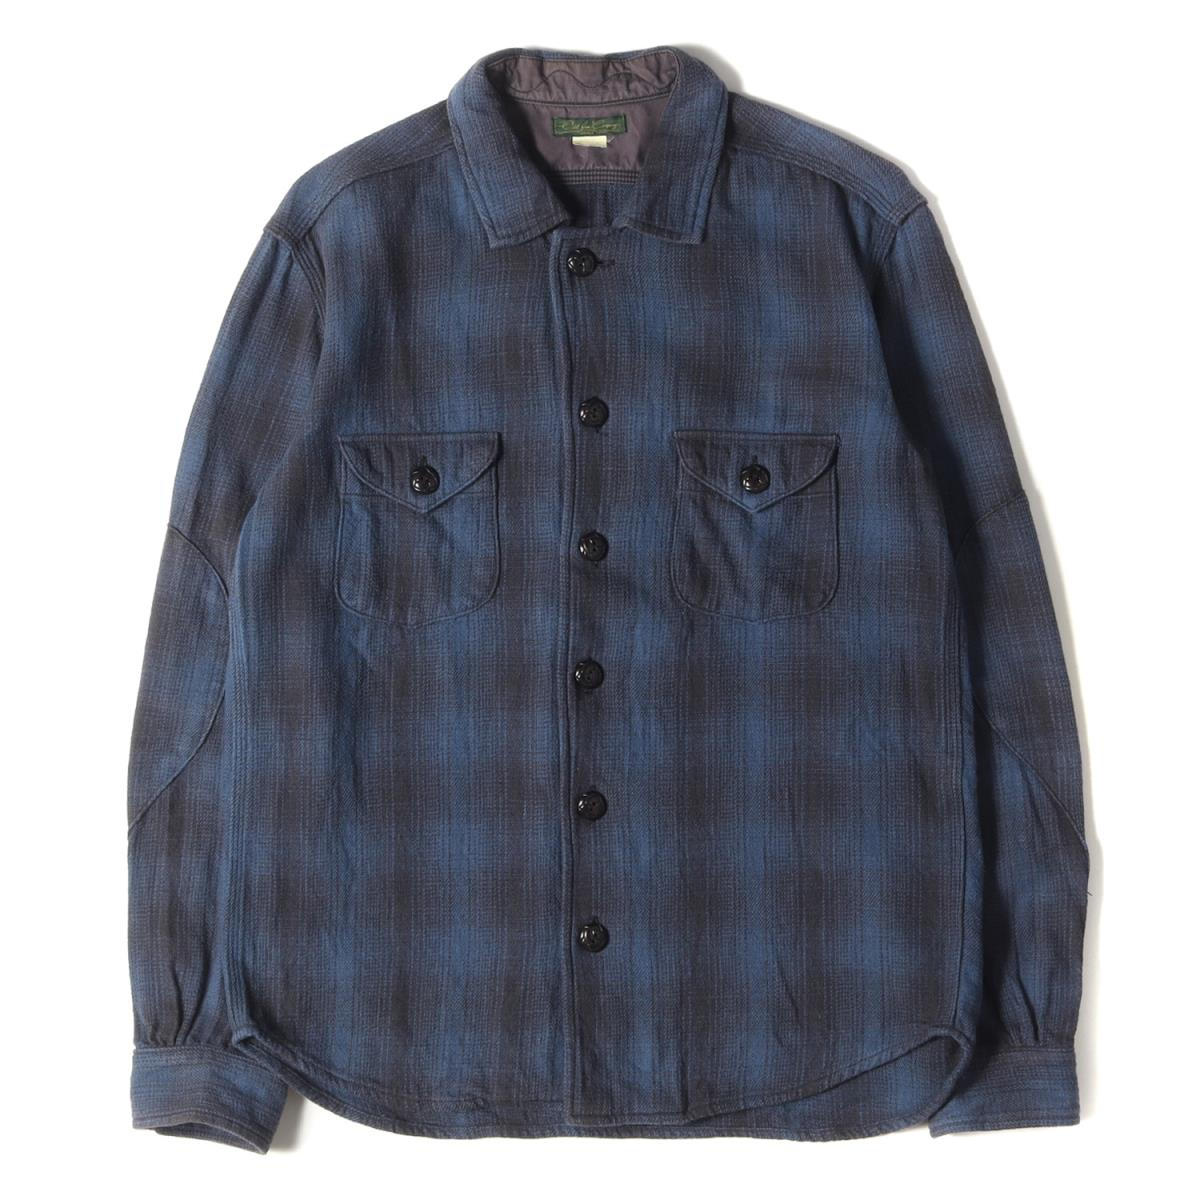 トップス, カジュアルシャツ Old Joe 36(S) K3148